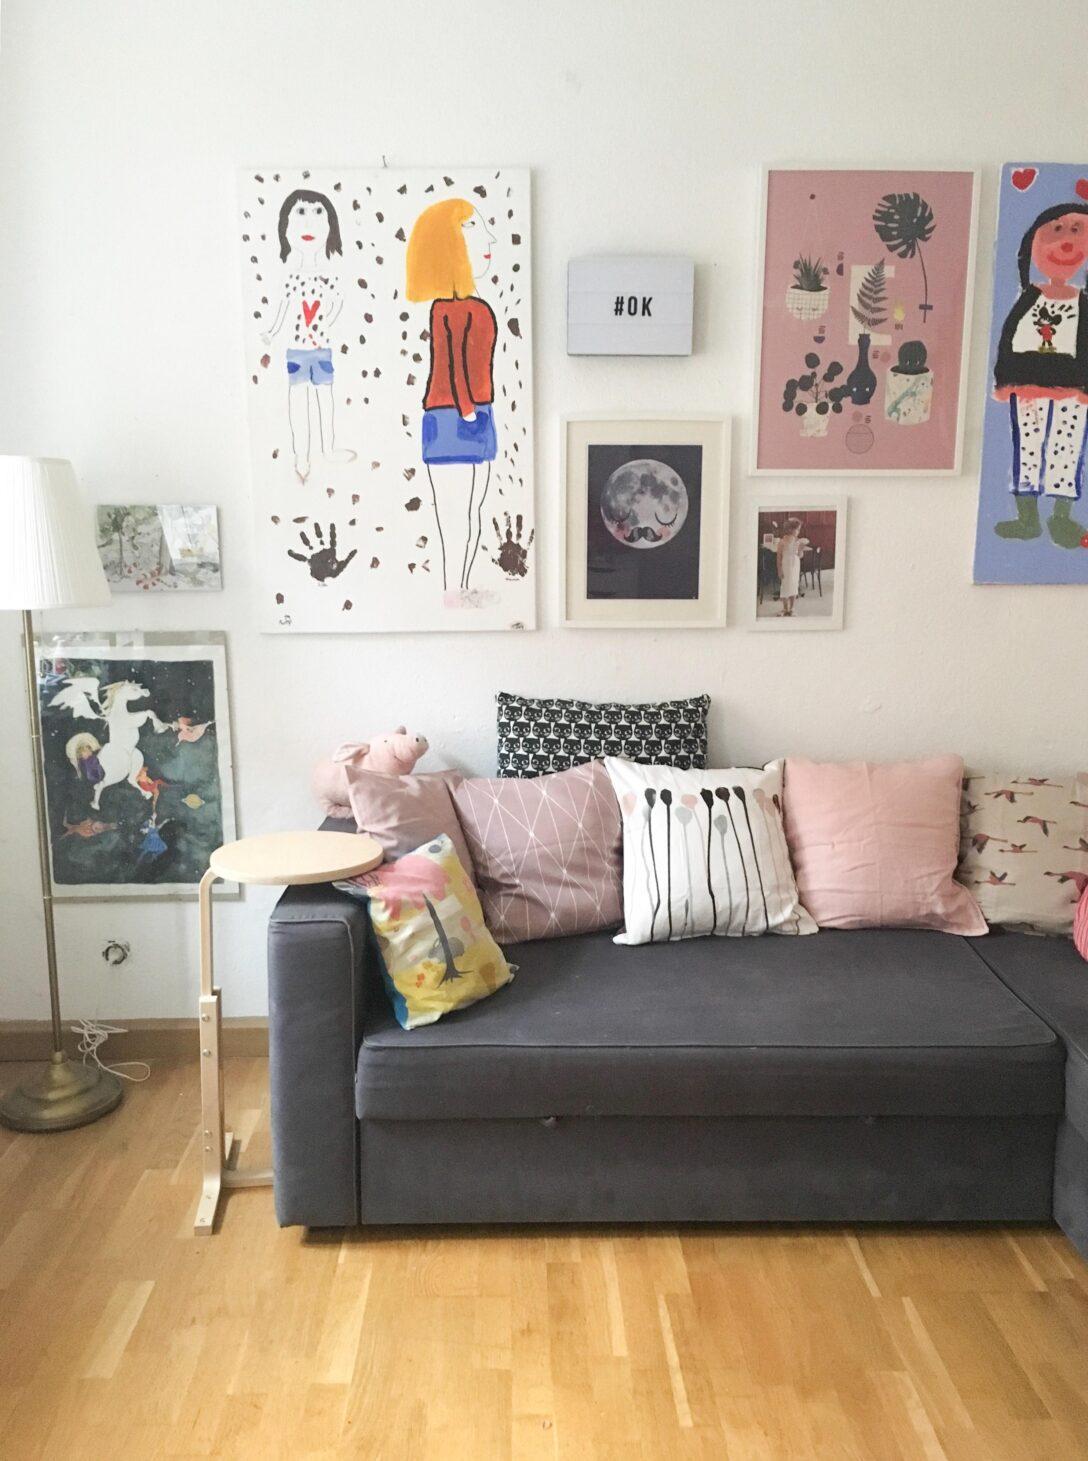 Full Size of Jugendzimmer Ikea Ideen So Wird Das Kinderzimmer Verwandelt Miniküche Wohnzimmer Tapeten Bad Renovieren Mit Kühlschrank Stengel Wohnzimmer Miniküche Ideen